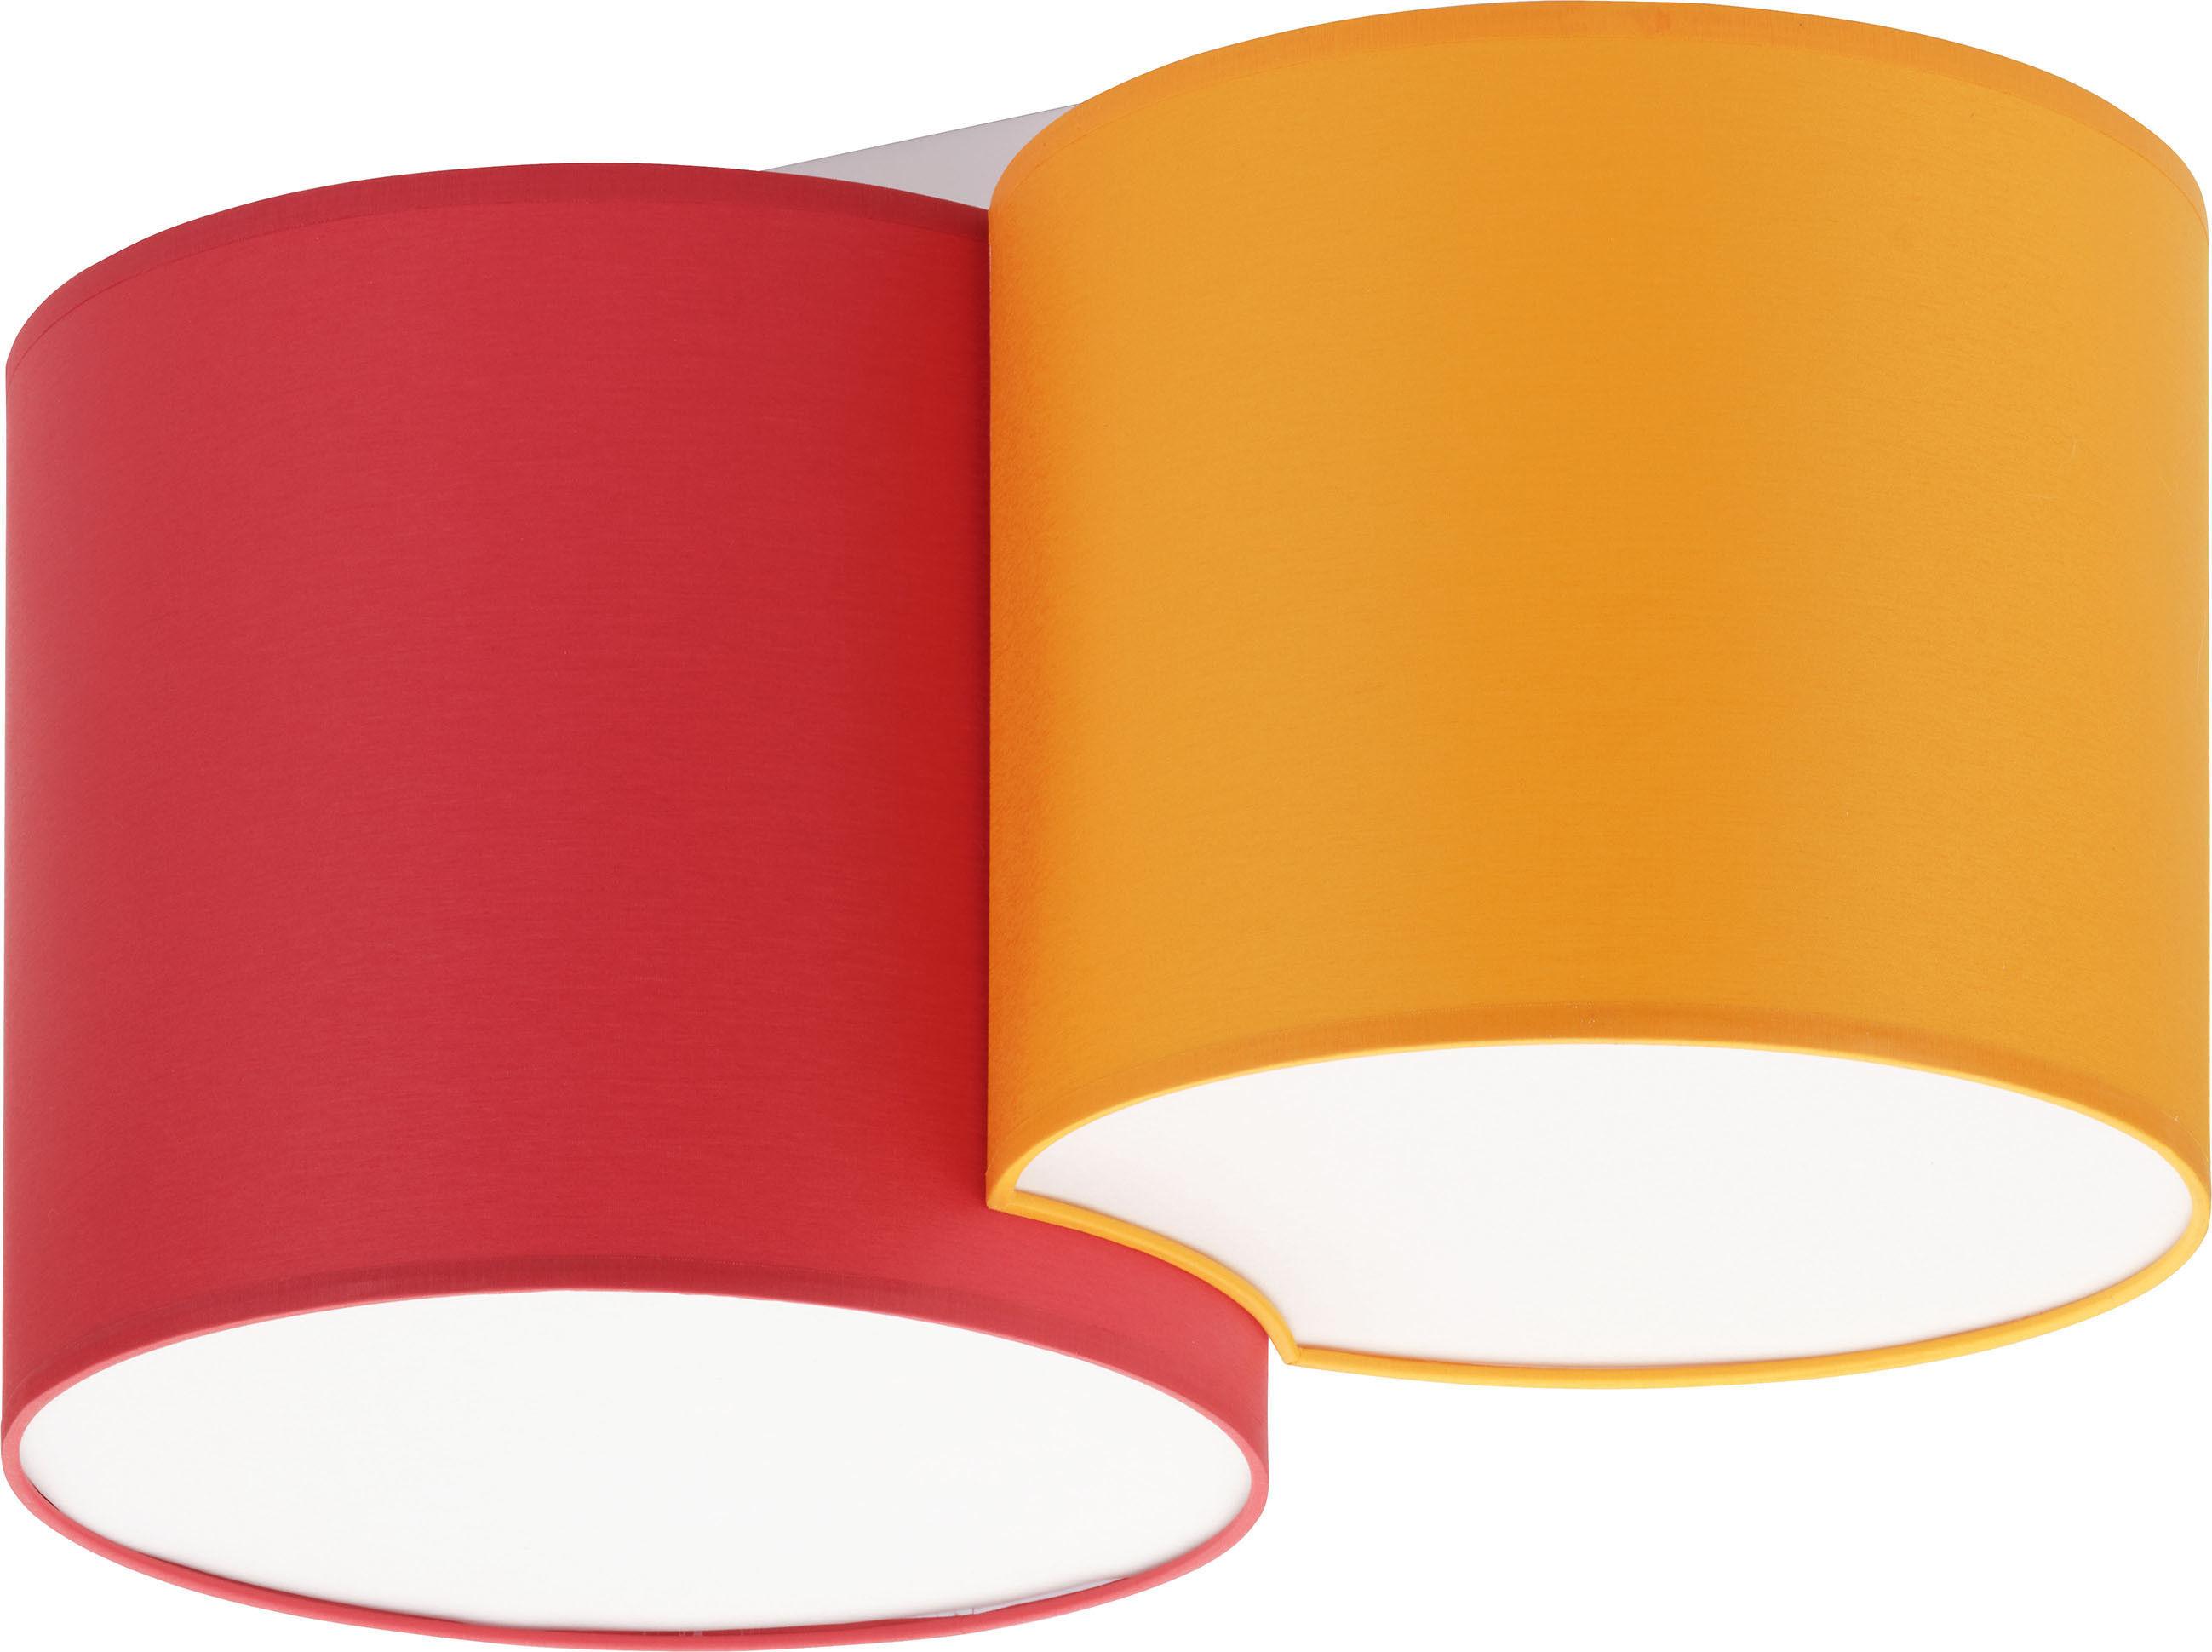 Mona Kids plafon 2-punktowy czerwony/pomarańczowy 3274